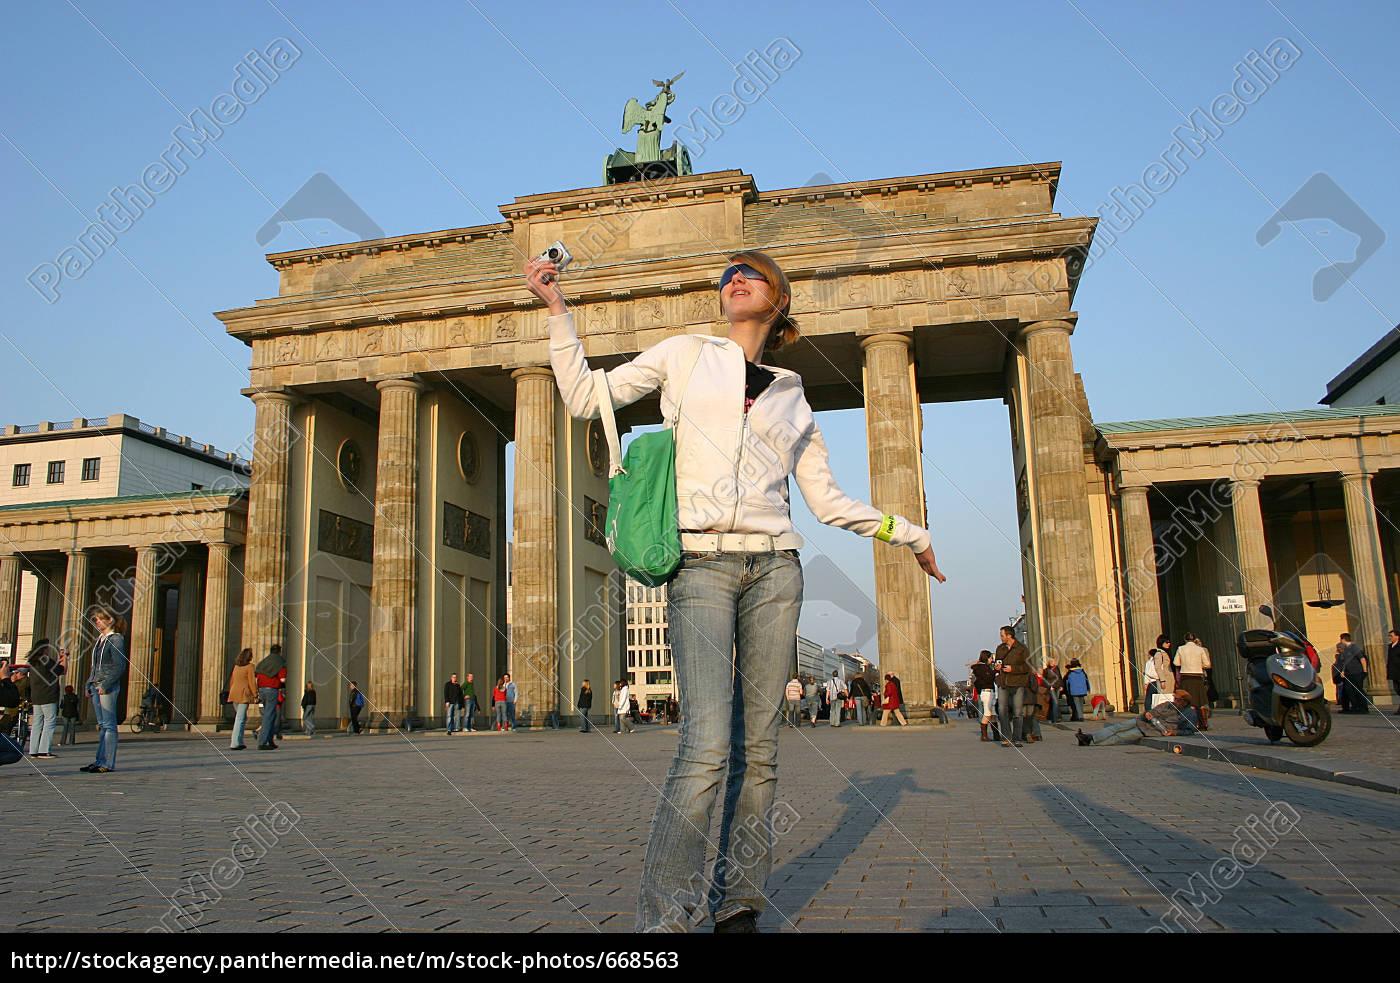 sightseeing, in, berlin - 668563